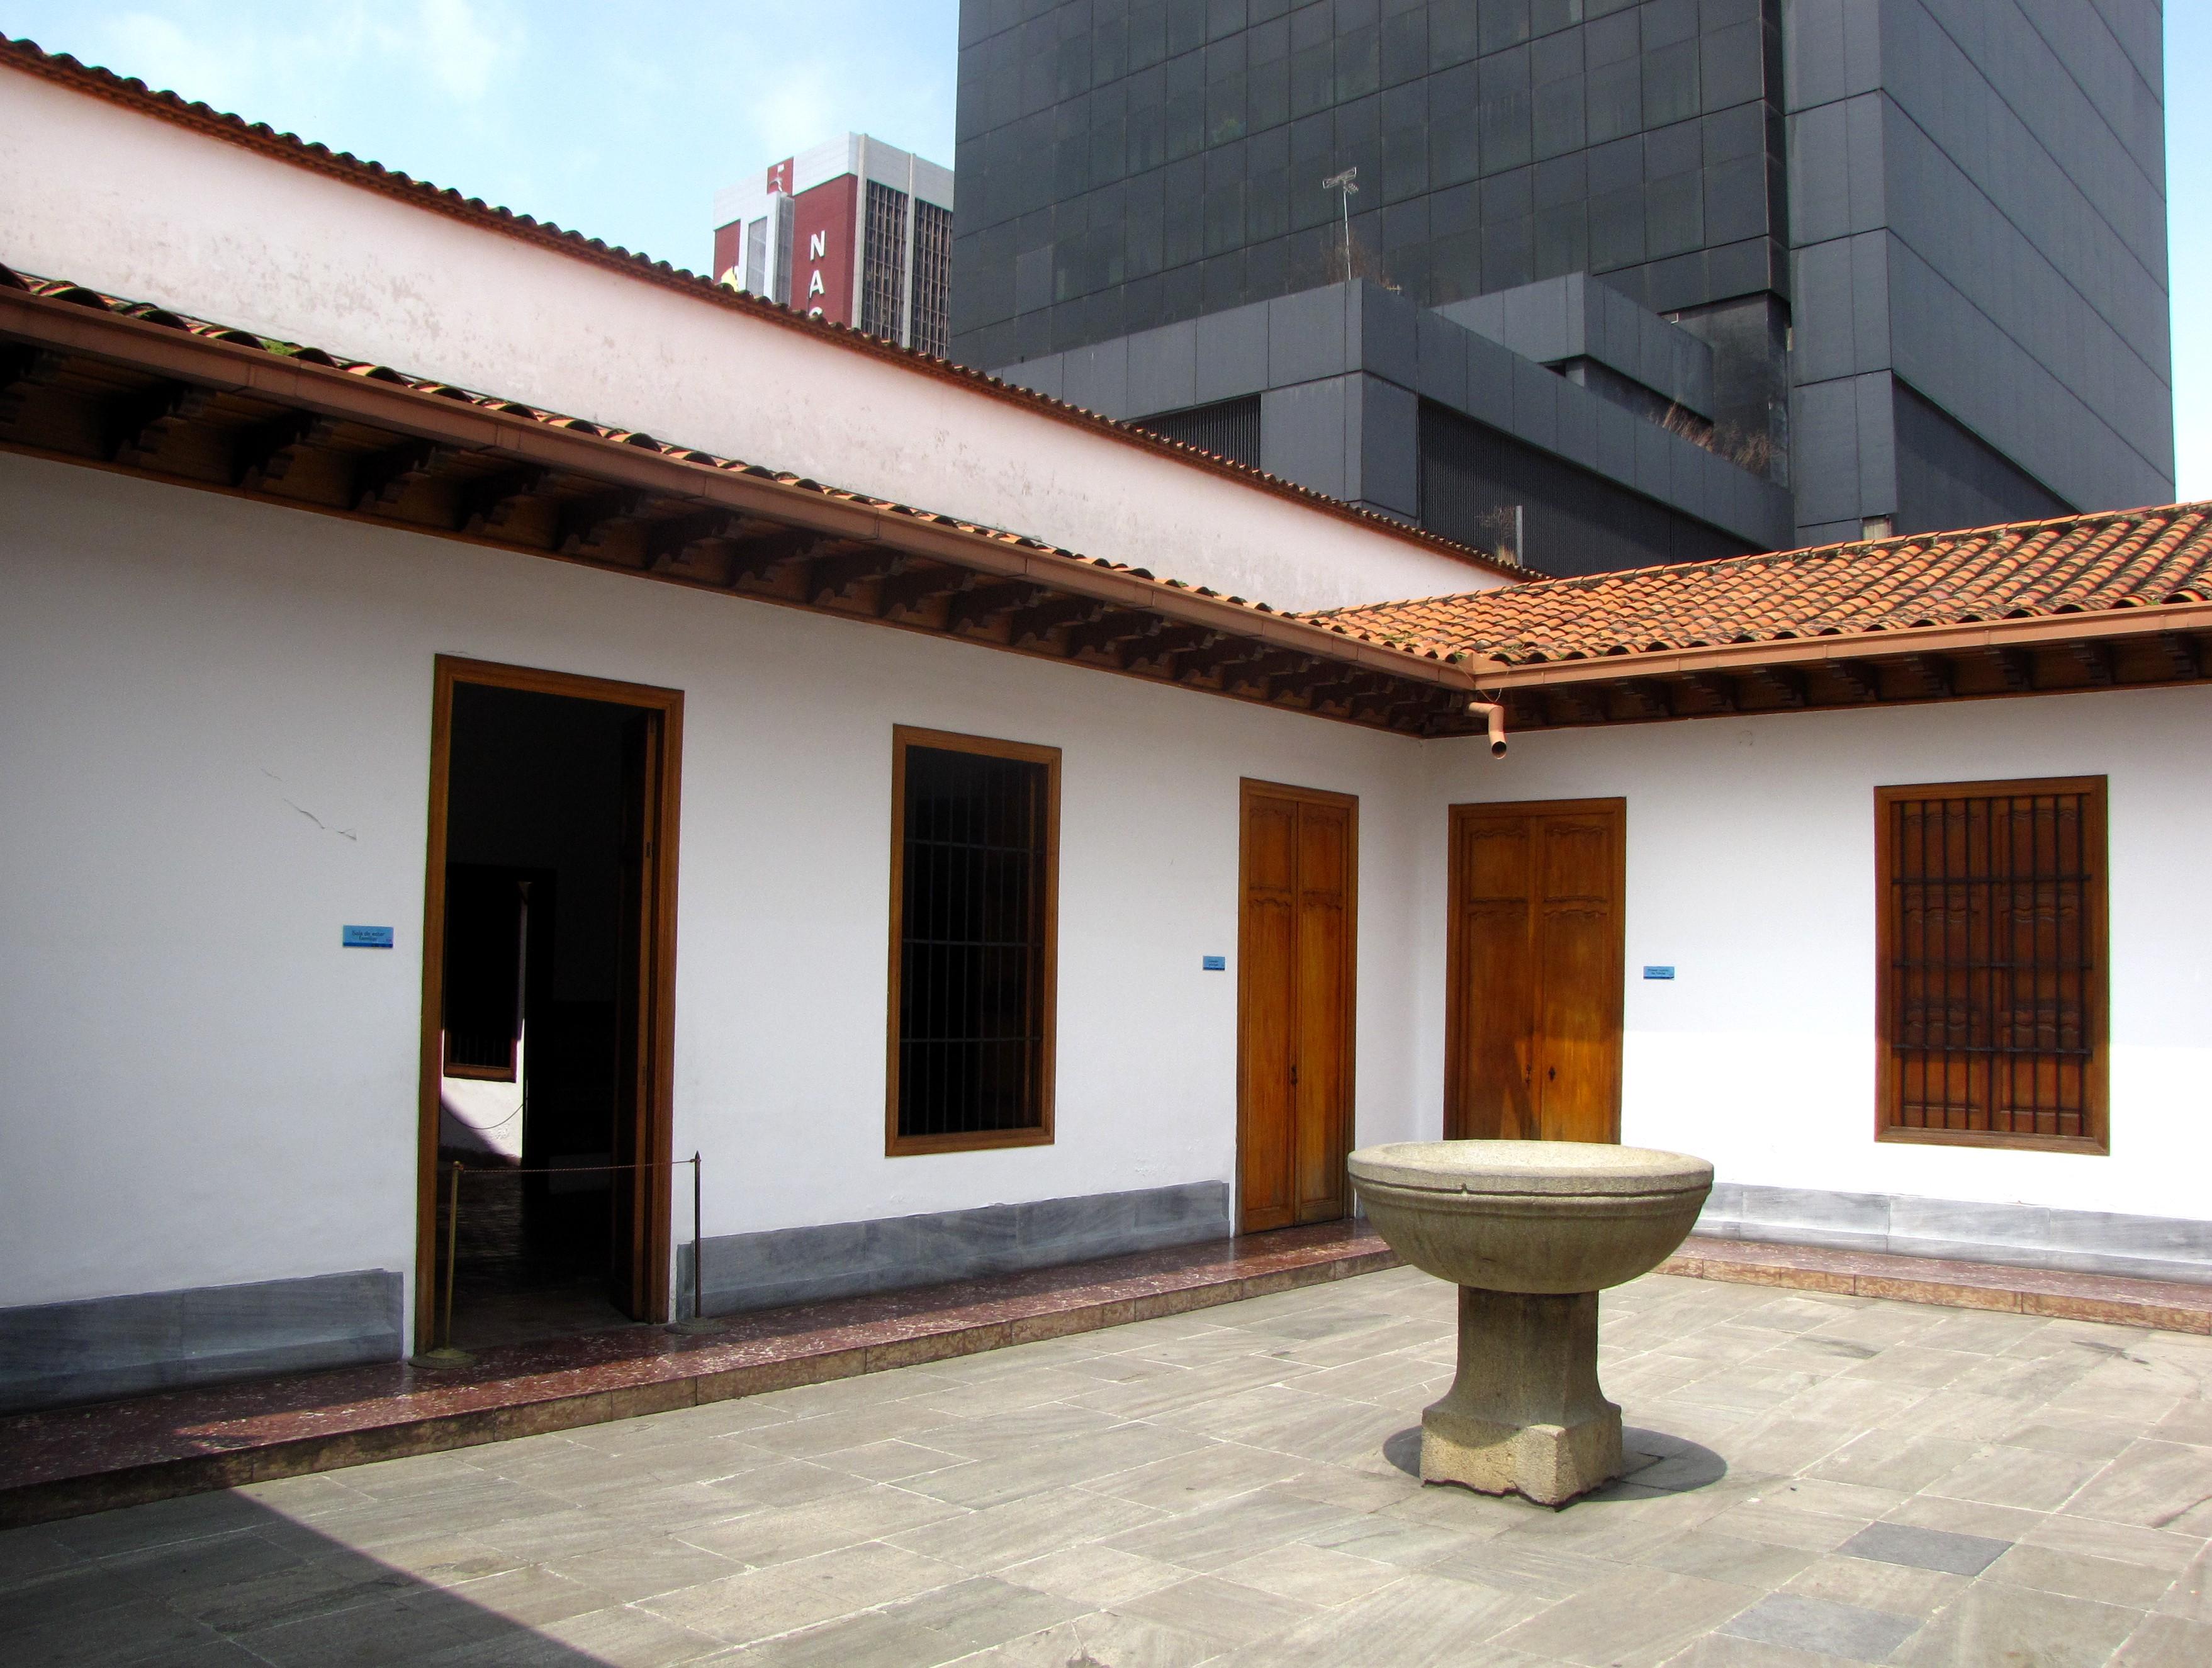 File patio interior de la casa de bol wikimedia commons - Casas con patio interior ...